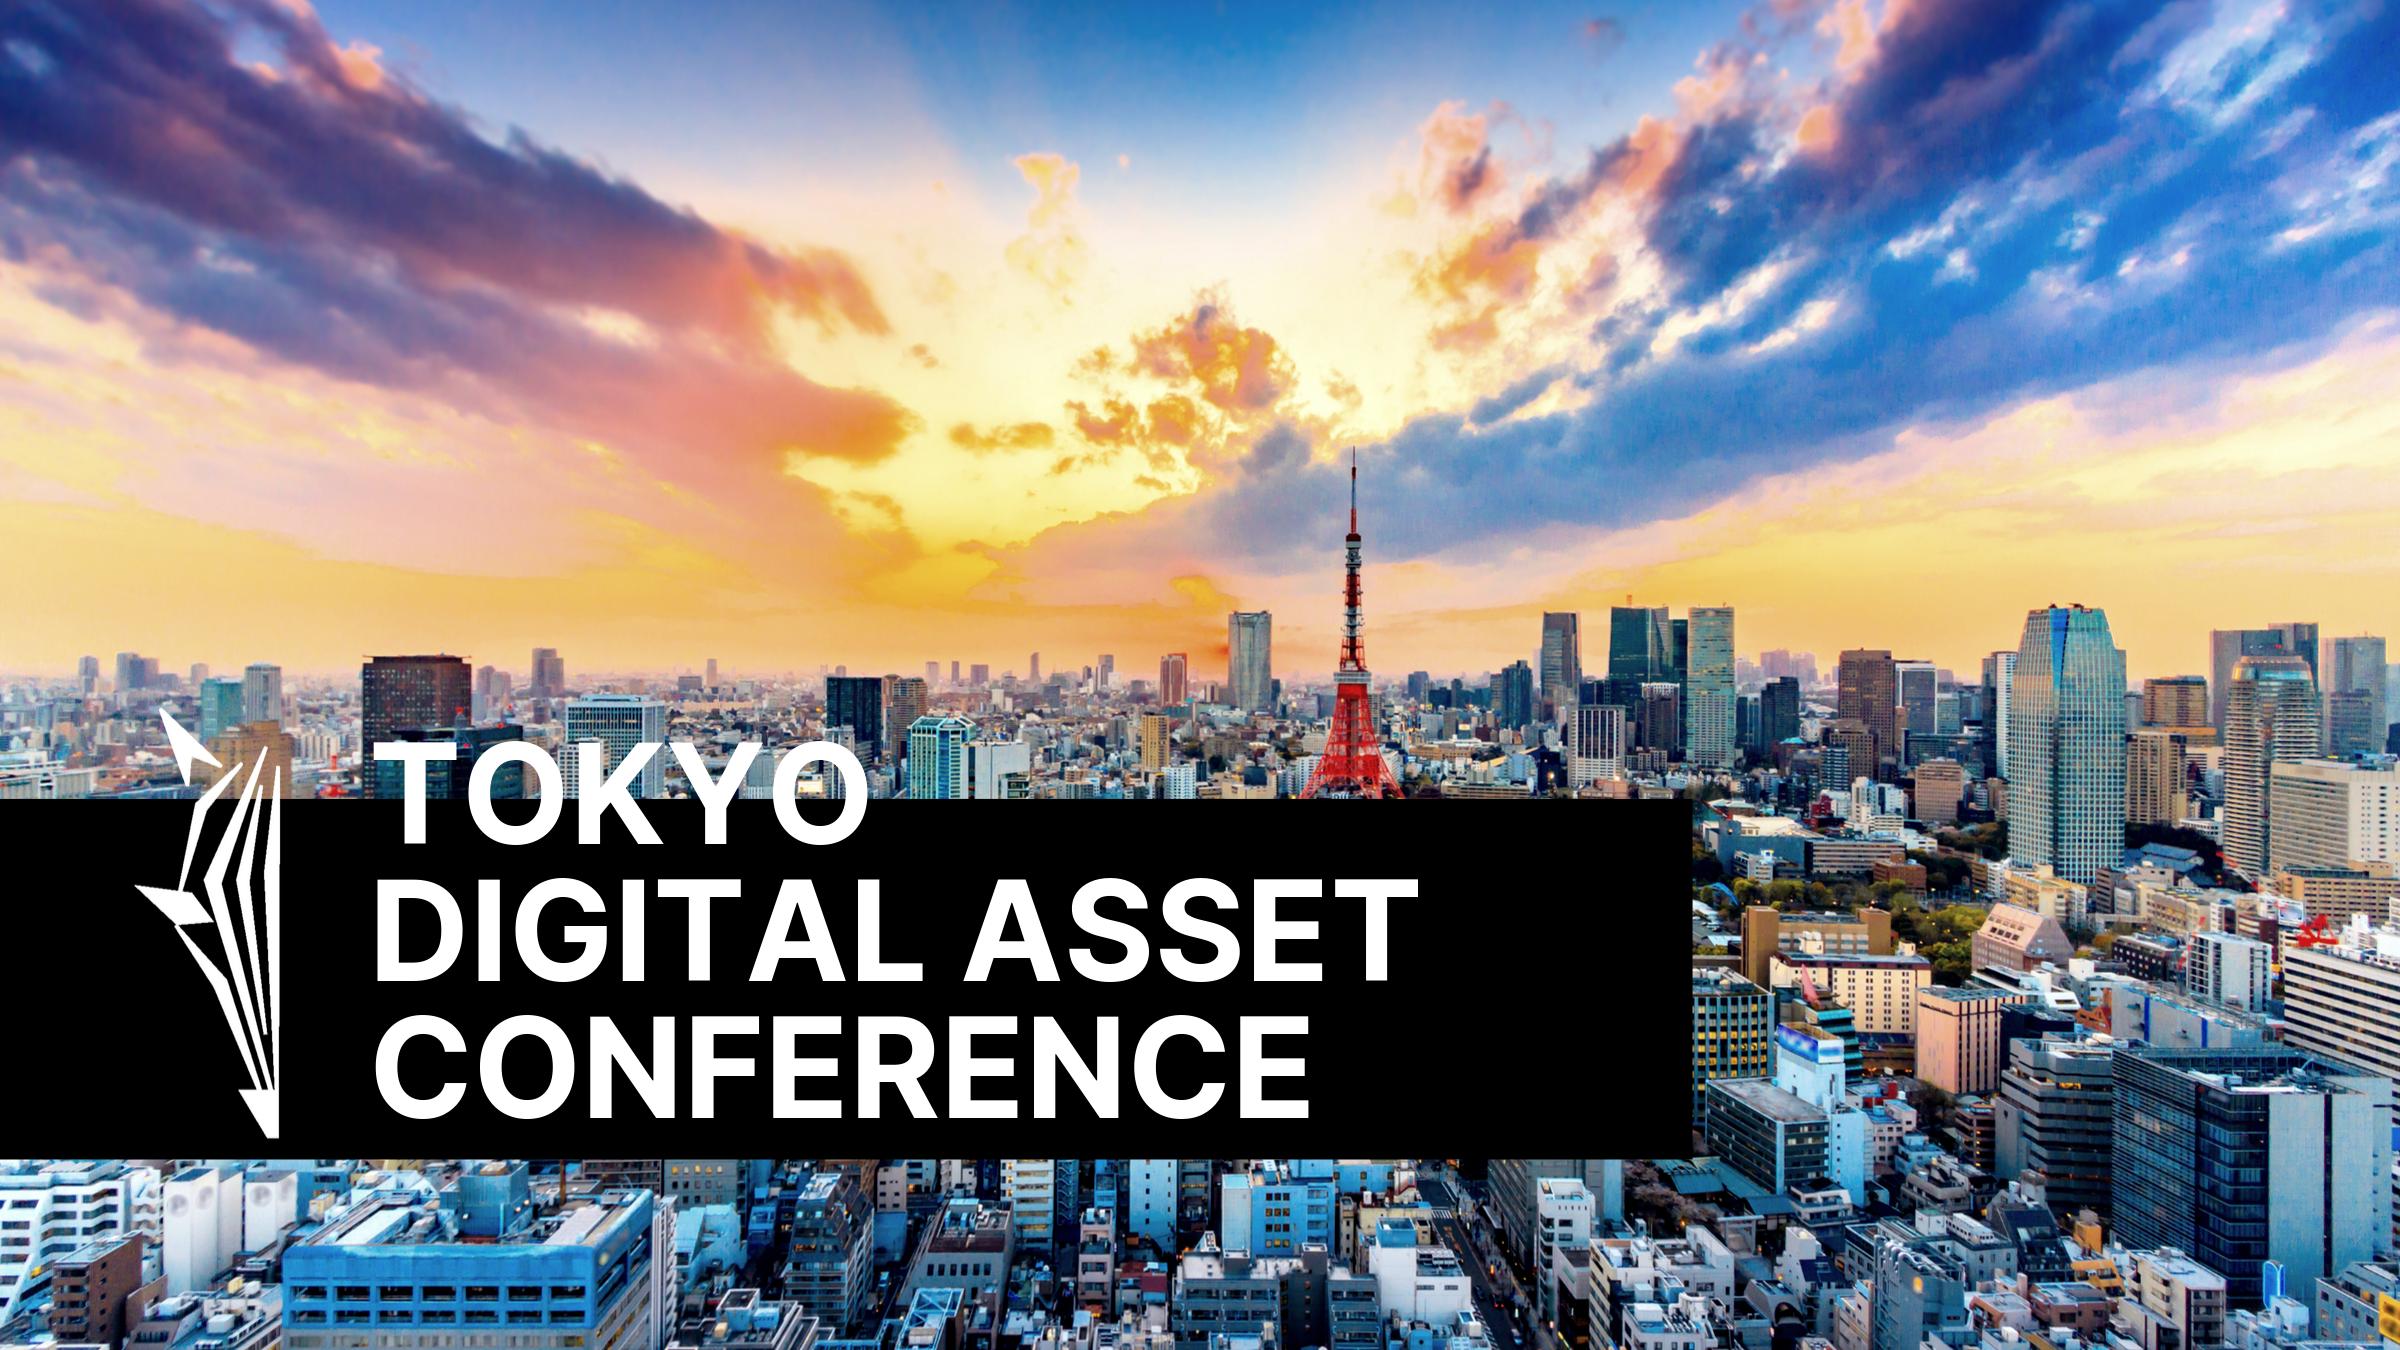 Tokyo Digital Asset Conference